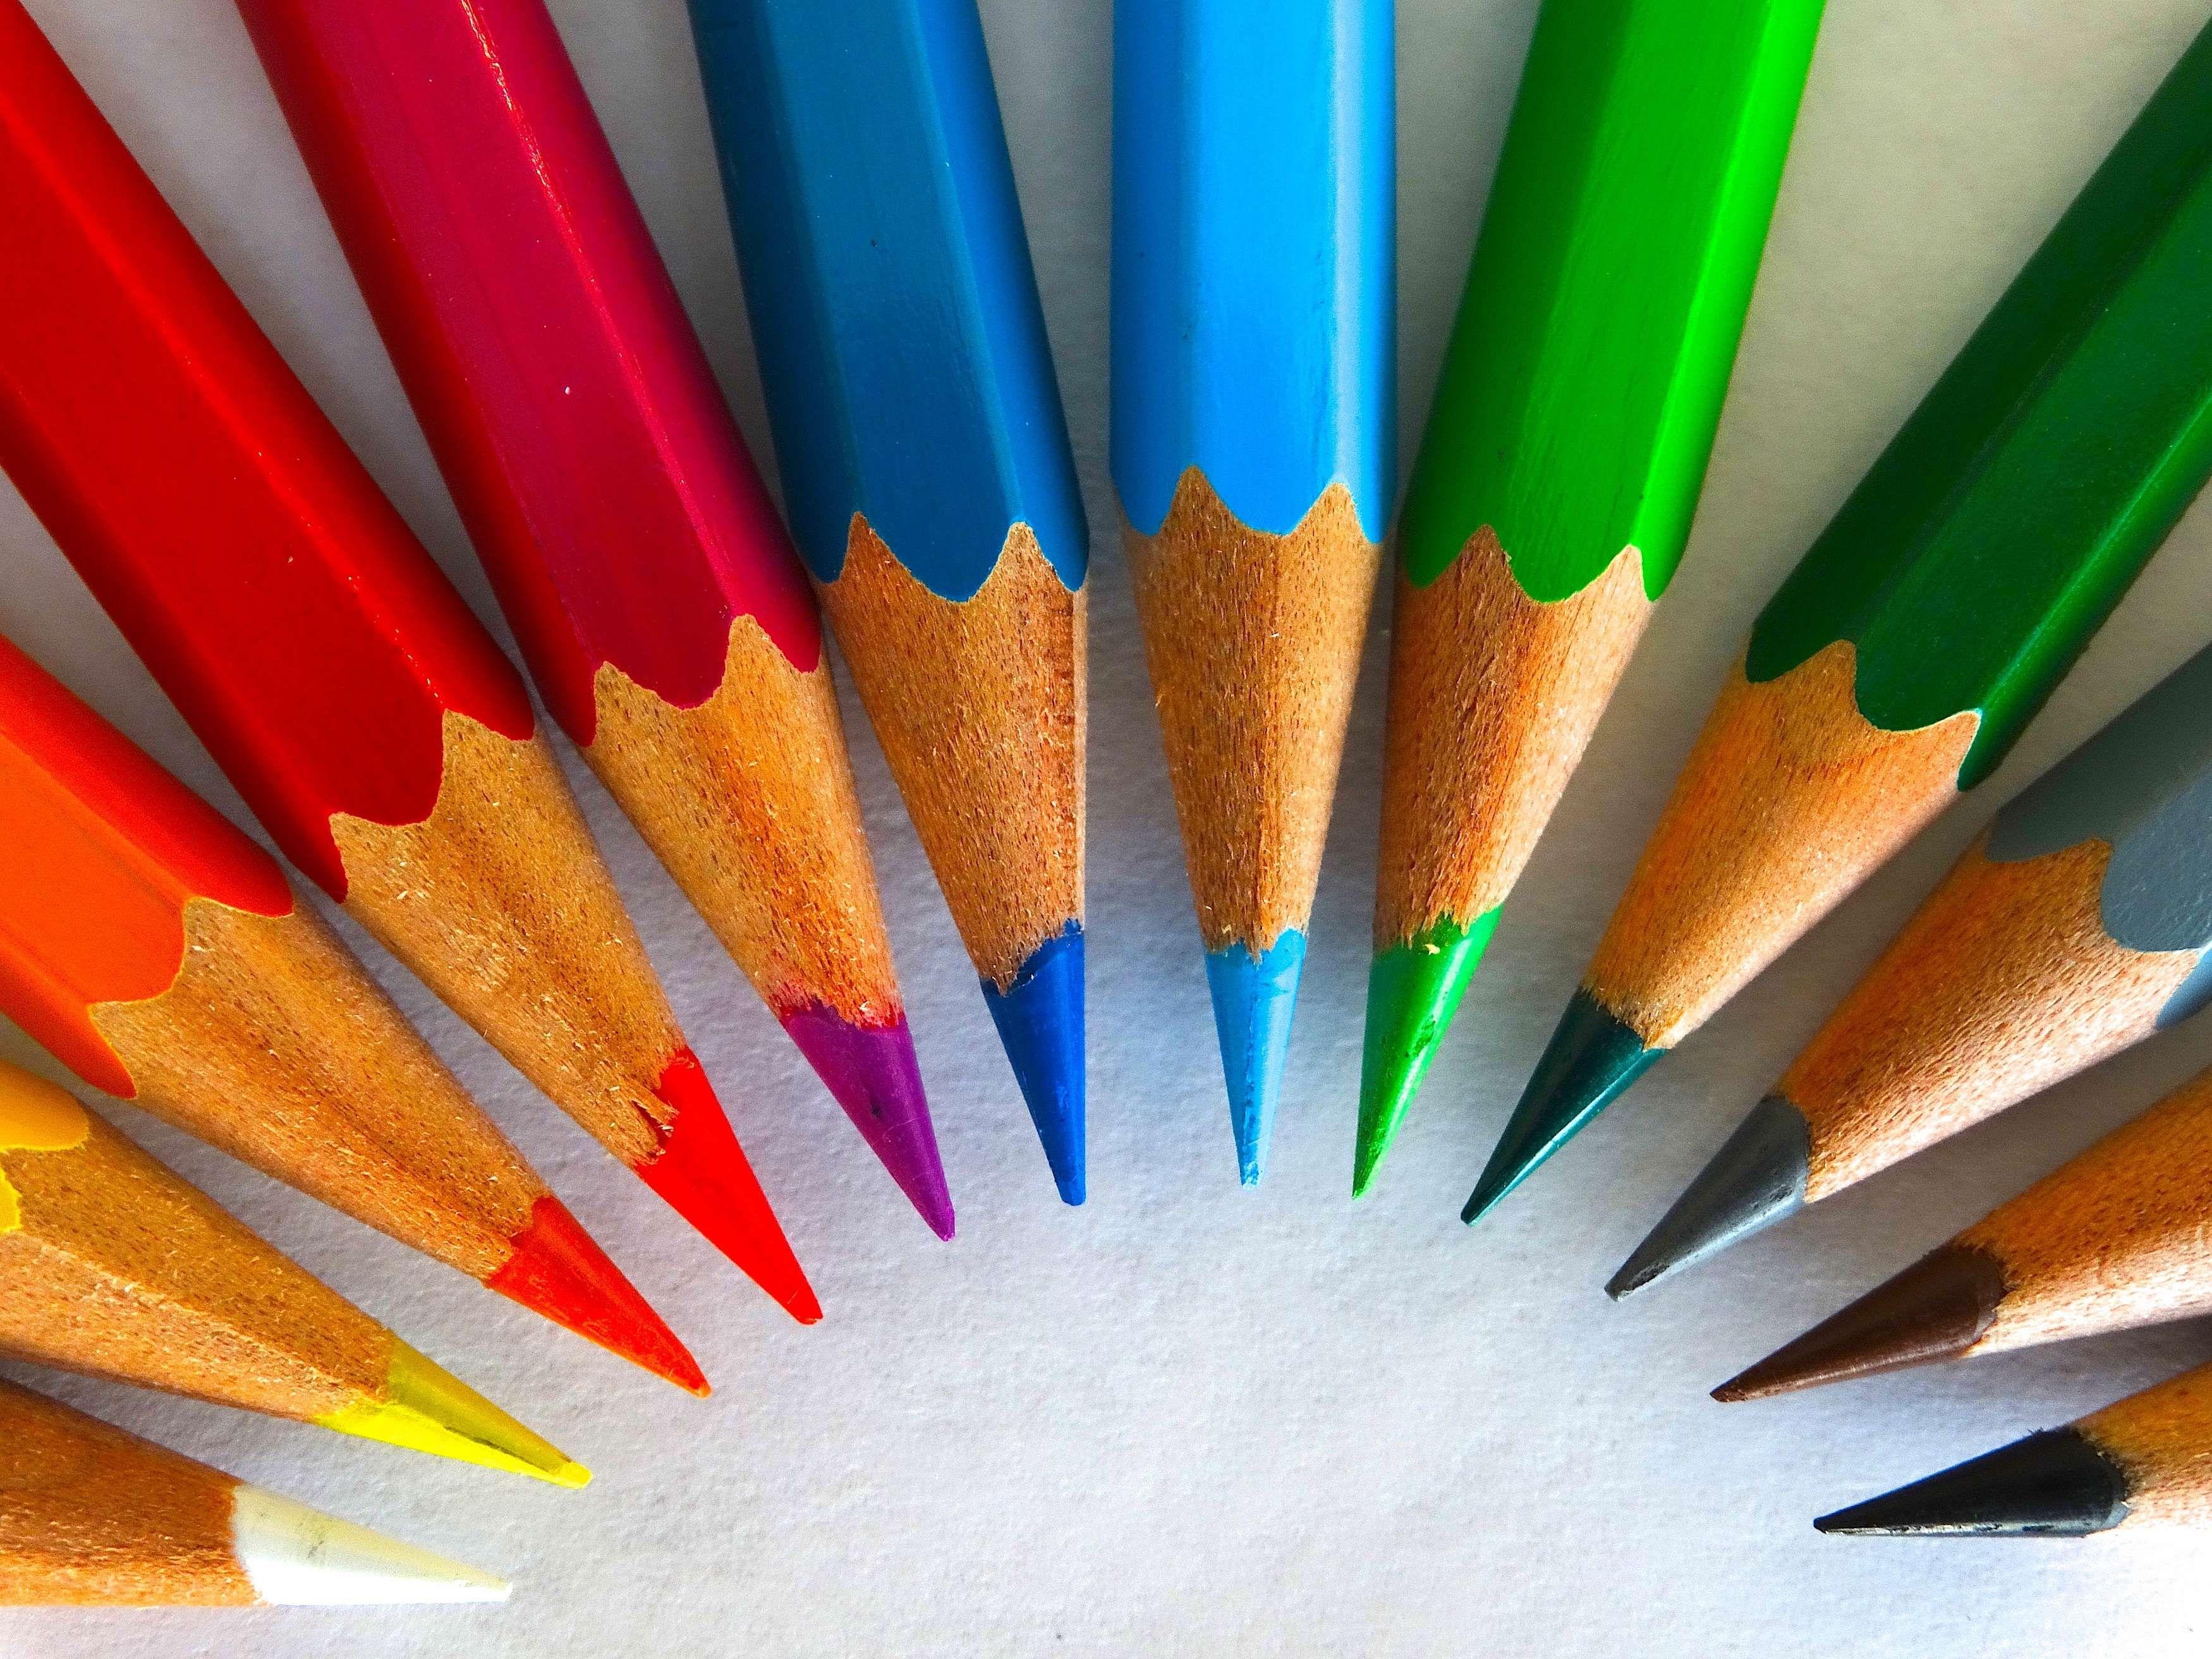 color pencils #colored pencils #colorful #colour pencils #coloured ...